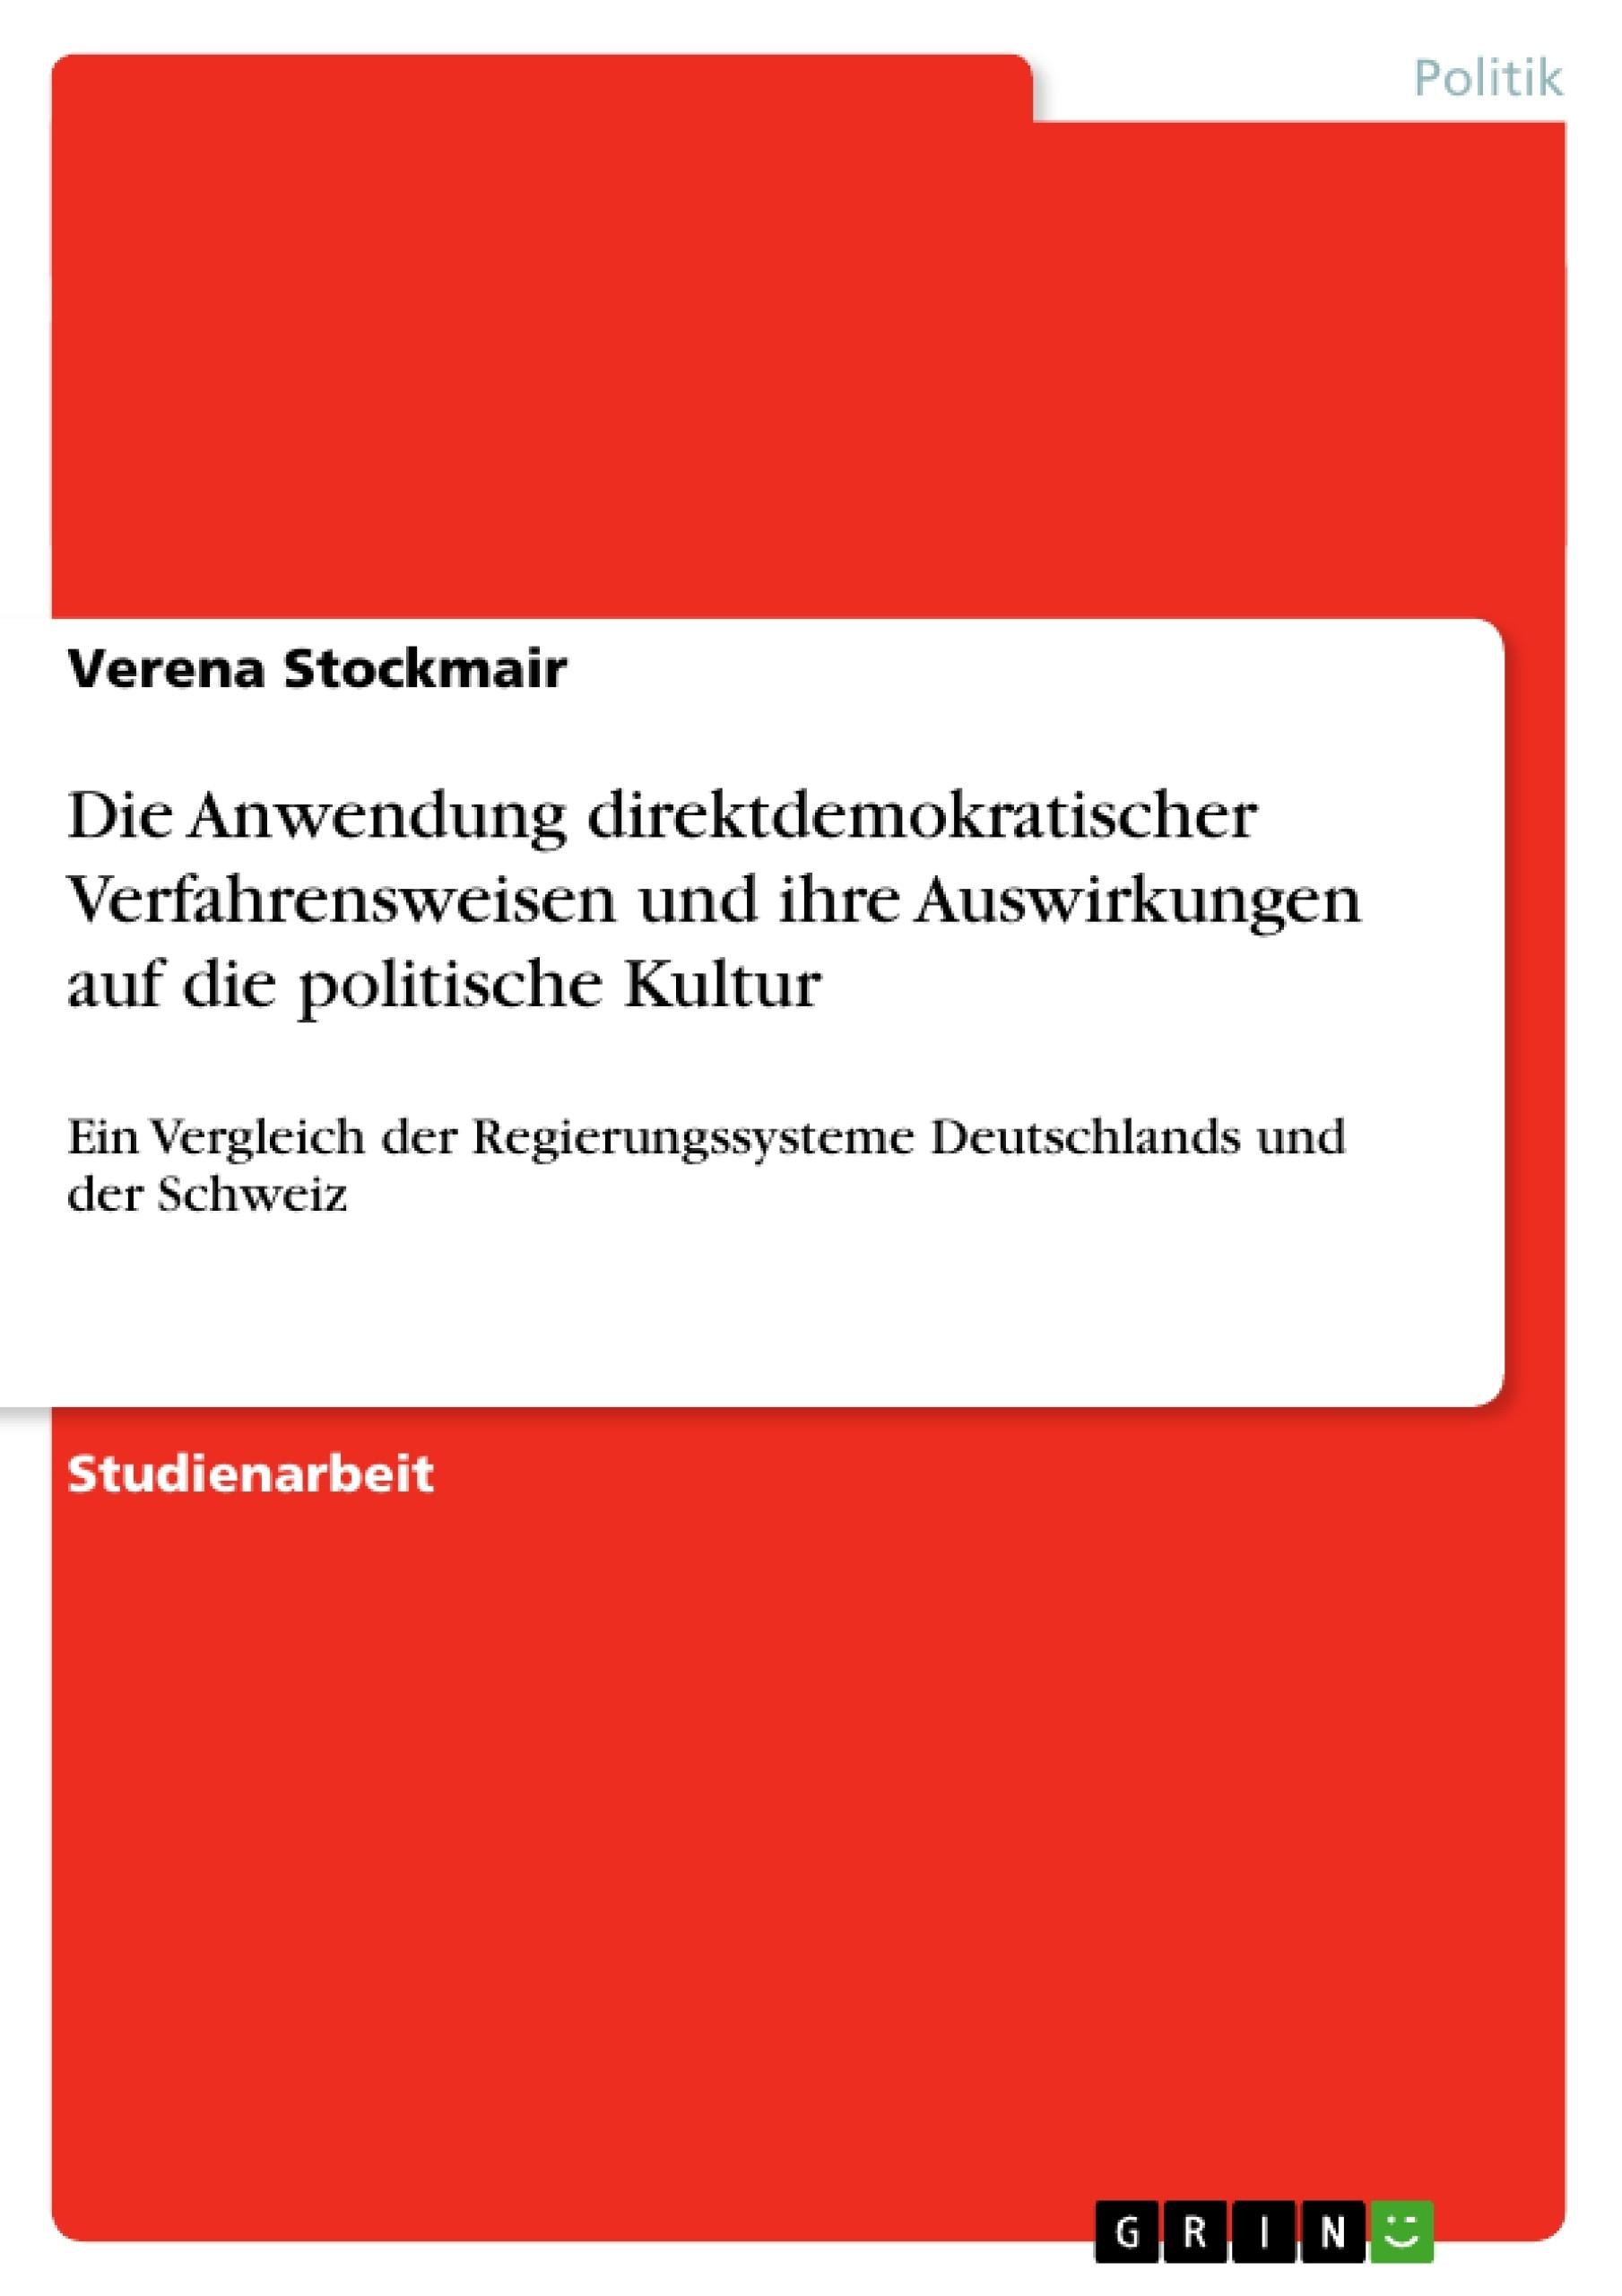 Titel: Die Anwendung direktdemokratischer Verfahrensweisen und ihre Auswirkungen auf die politische Kultur